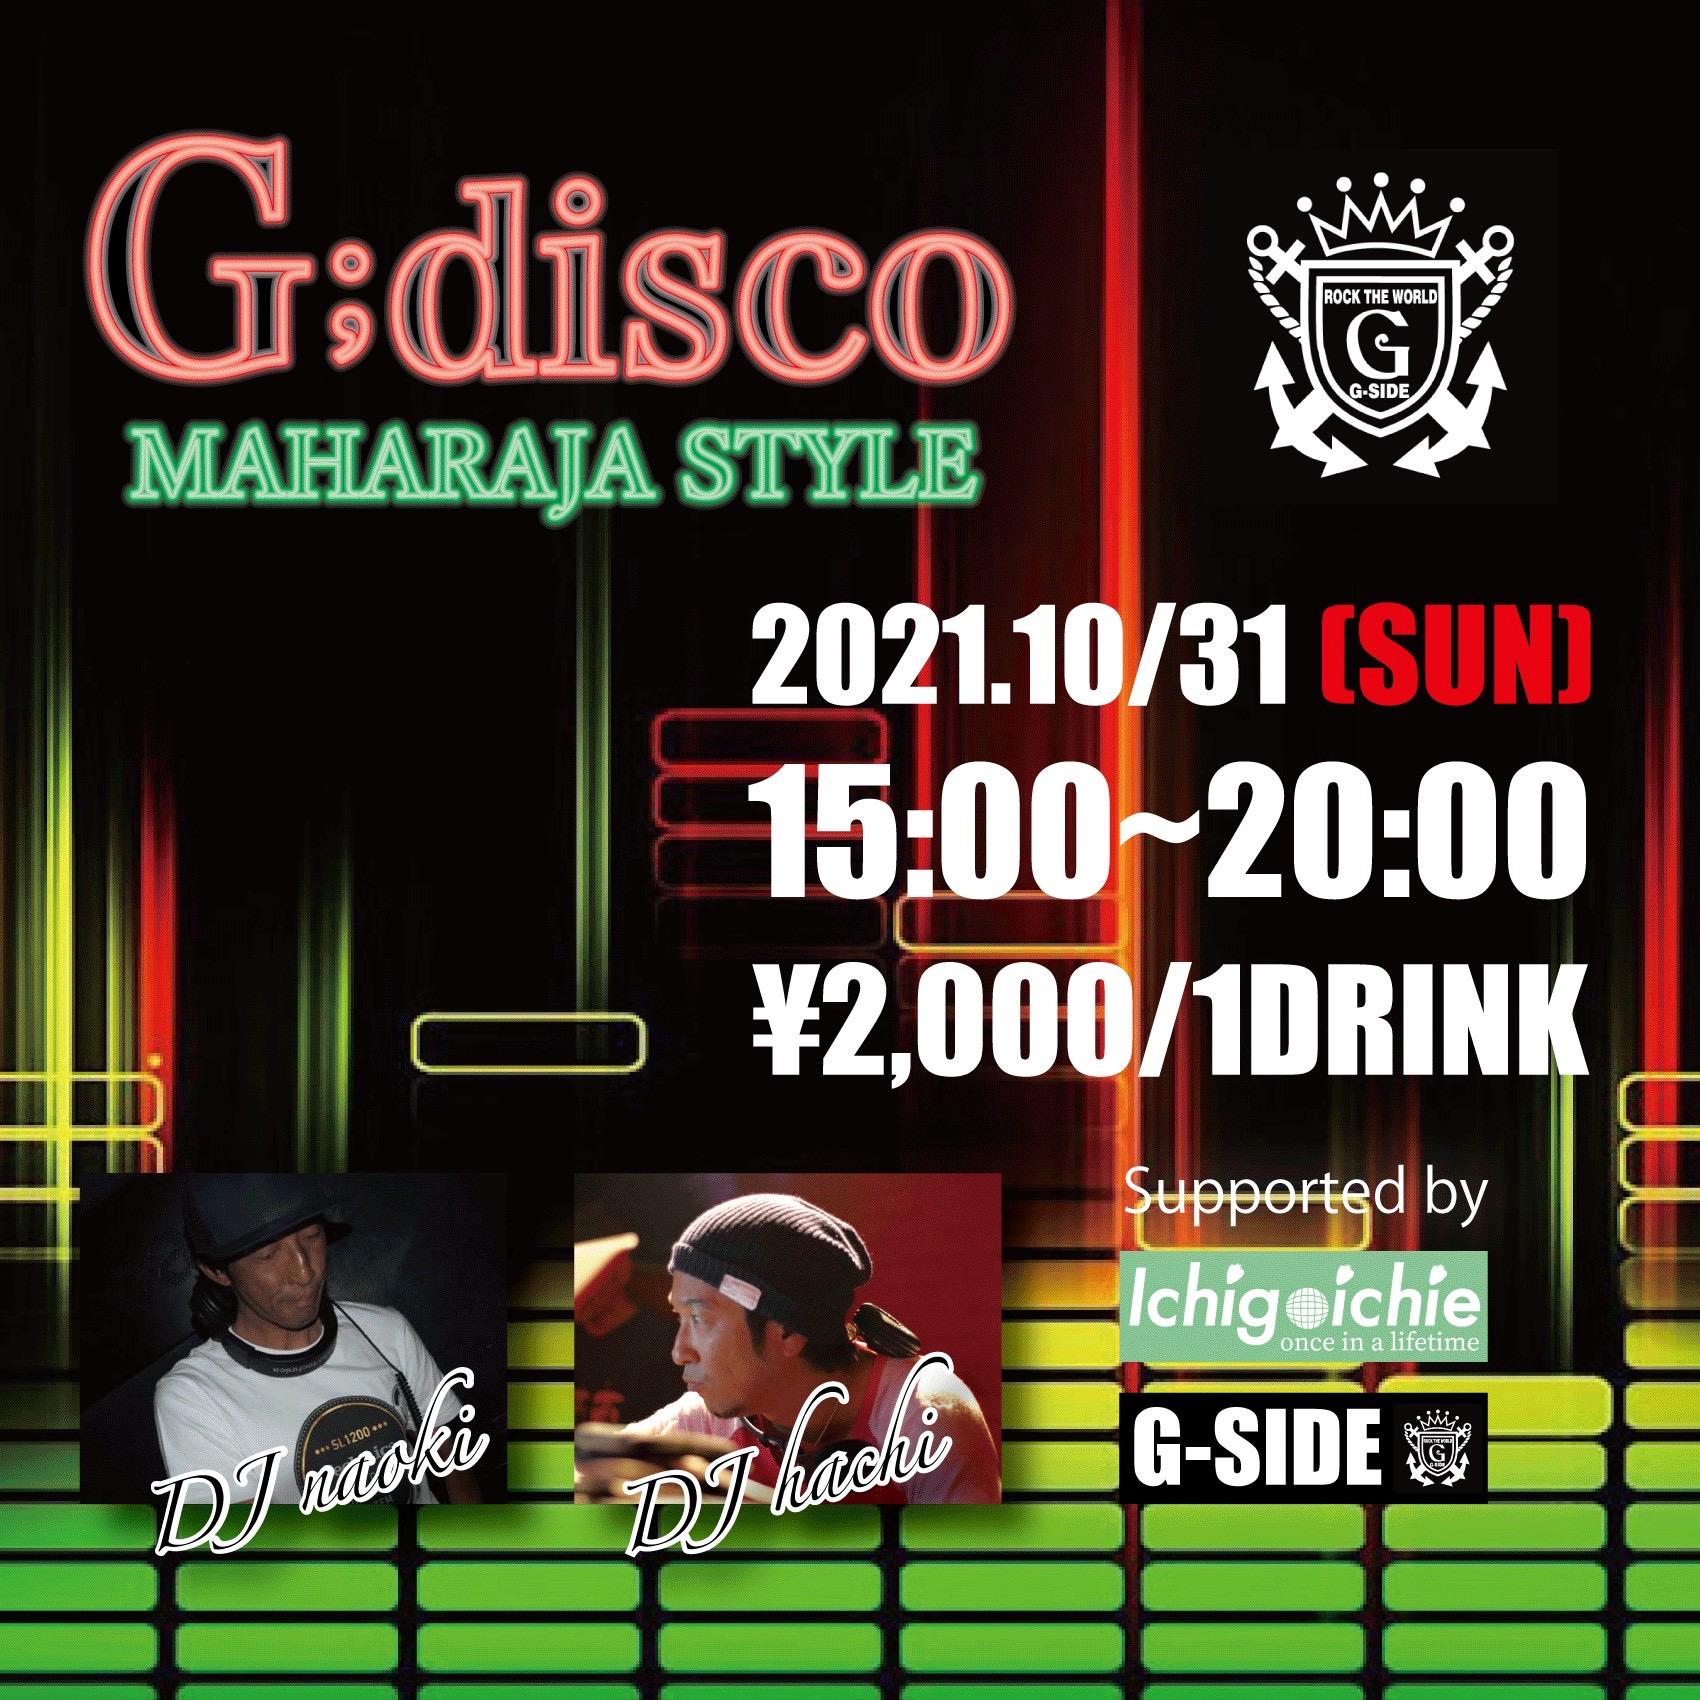 10月31日 G;disco